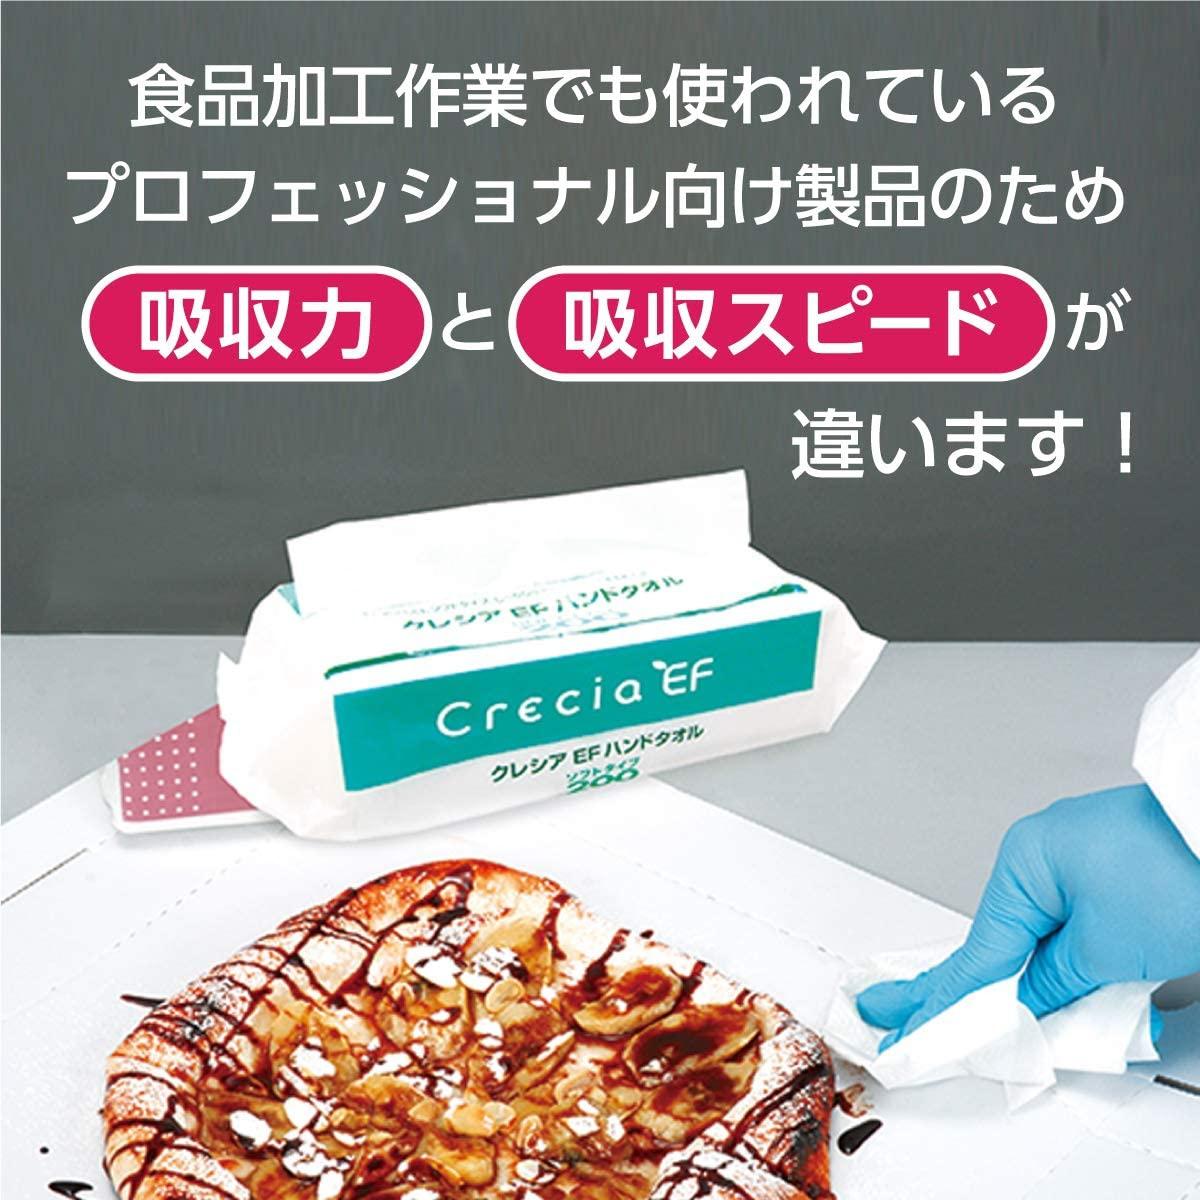 Crecia EF(クレシアEF) ハンドタオル ソフトタイプ200 200組(400枚)×3P 37005の商品画像3